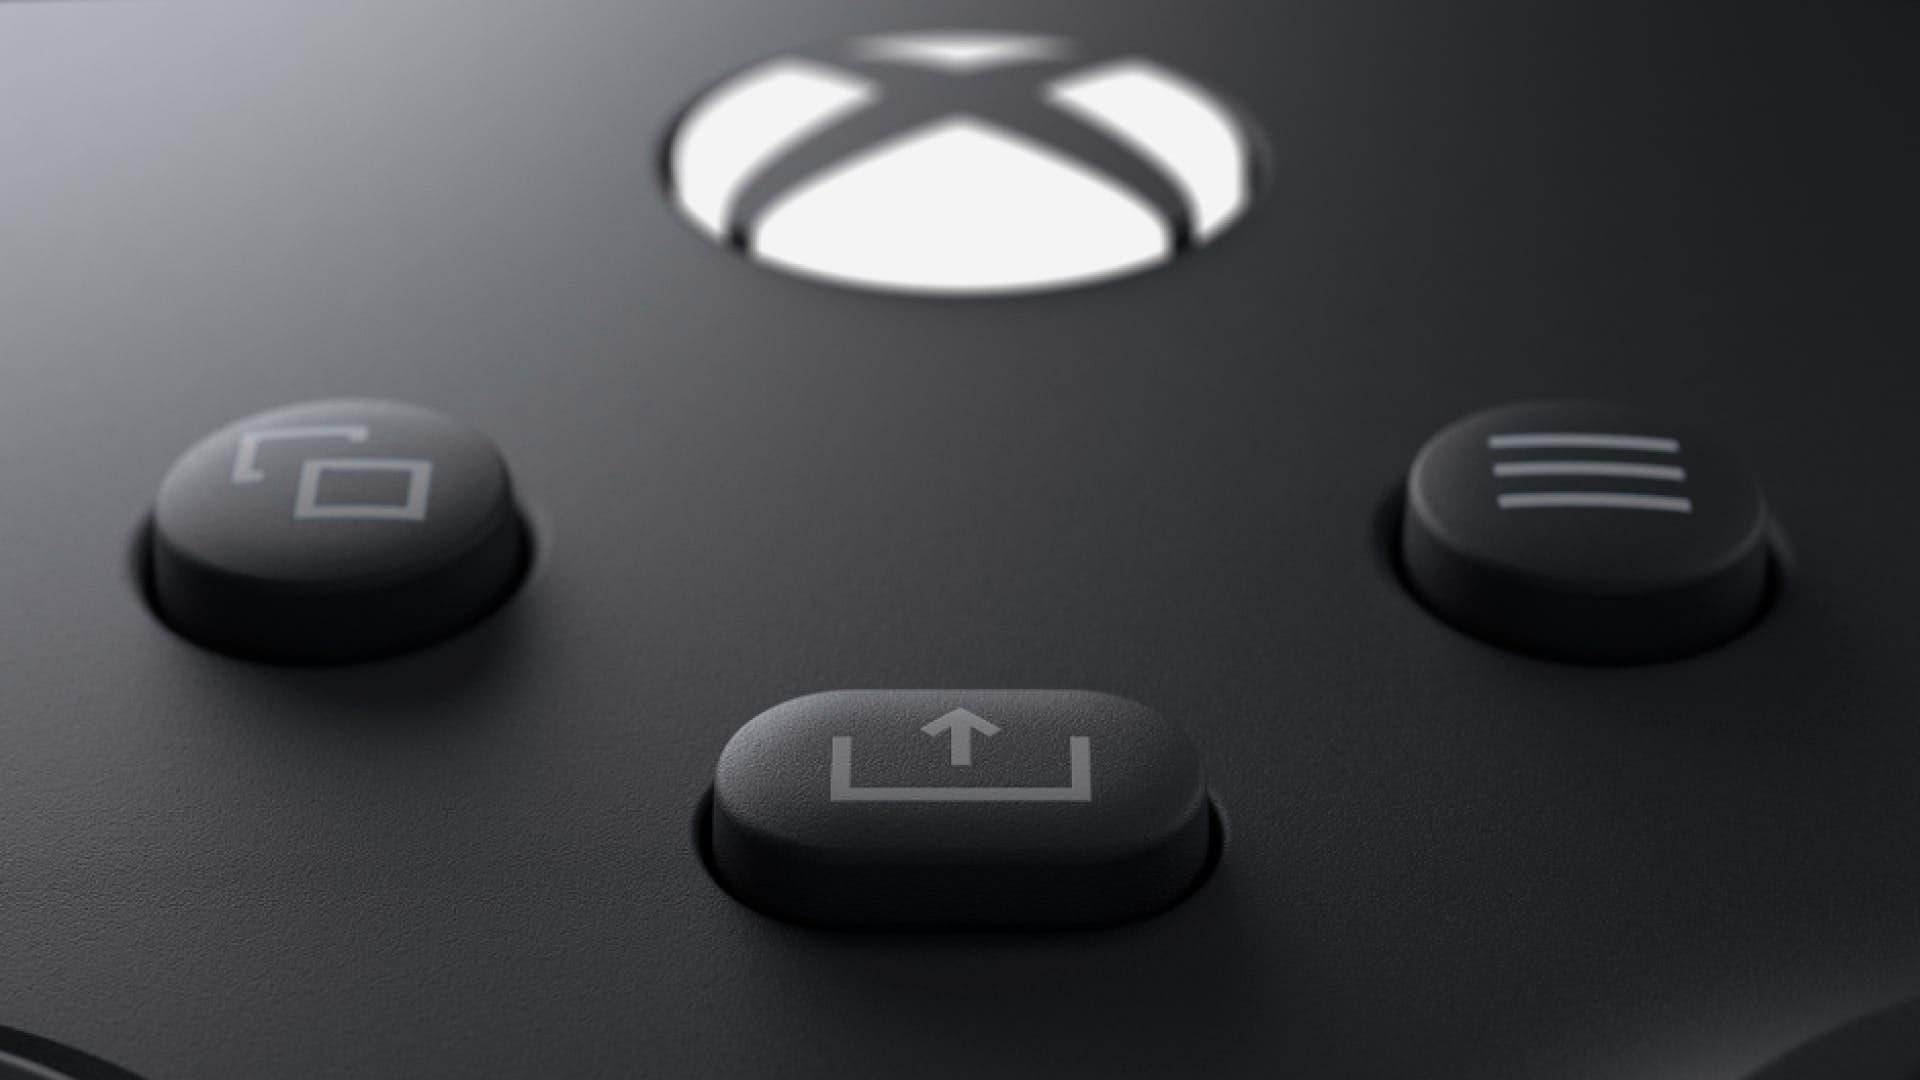 La compatibilidad del control de Xbox Series con iOS llegará la próxima semana 3